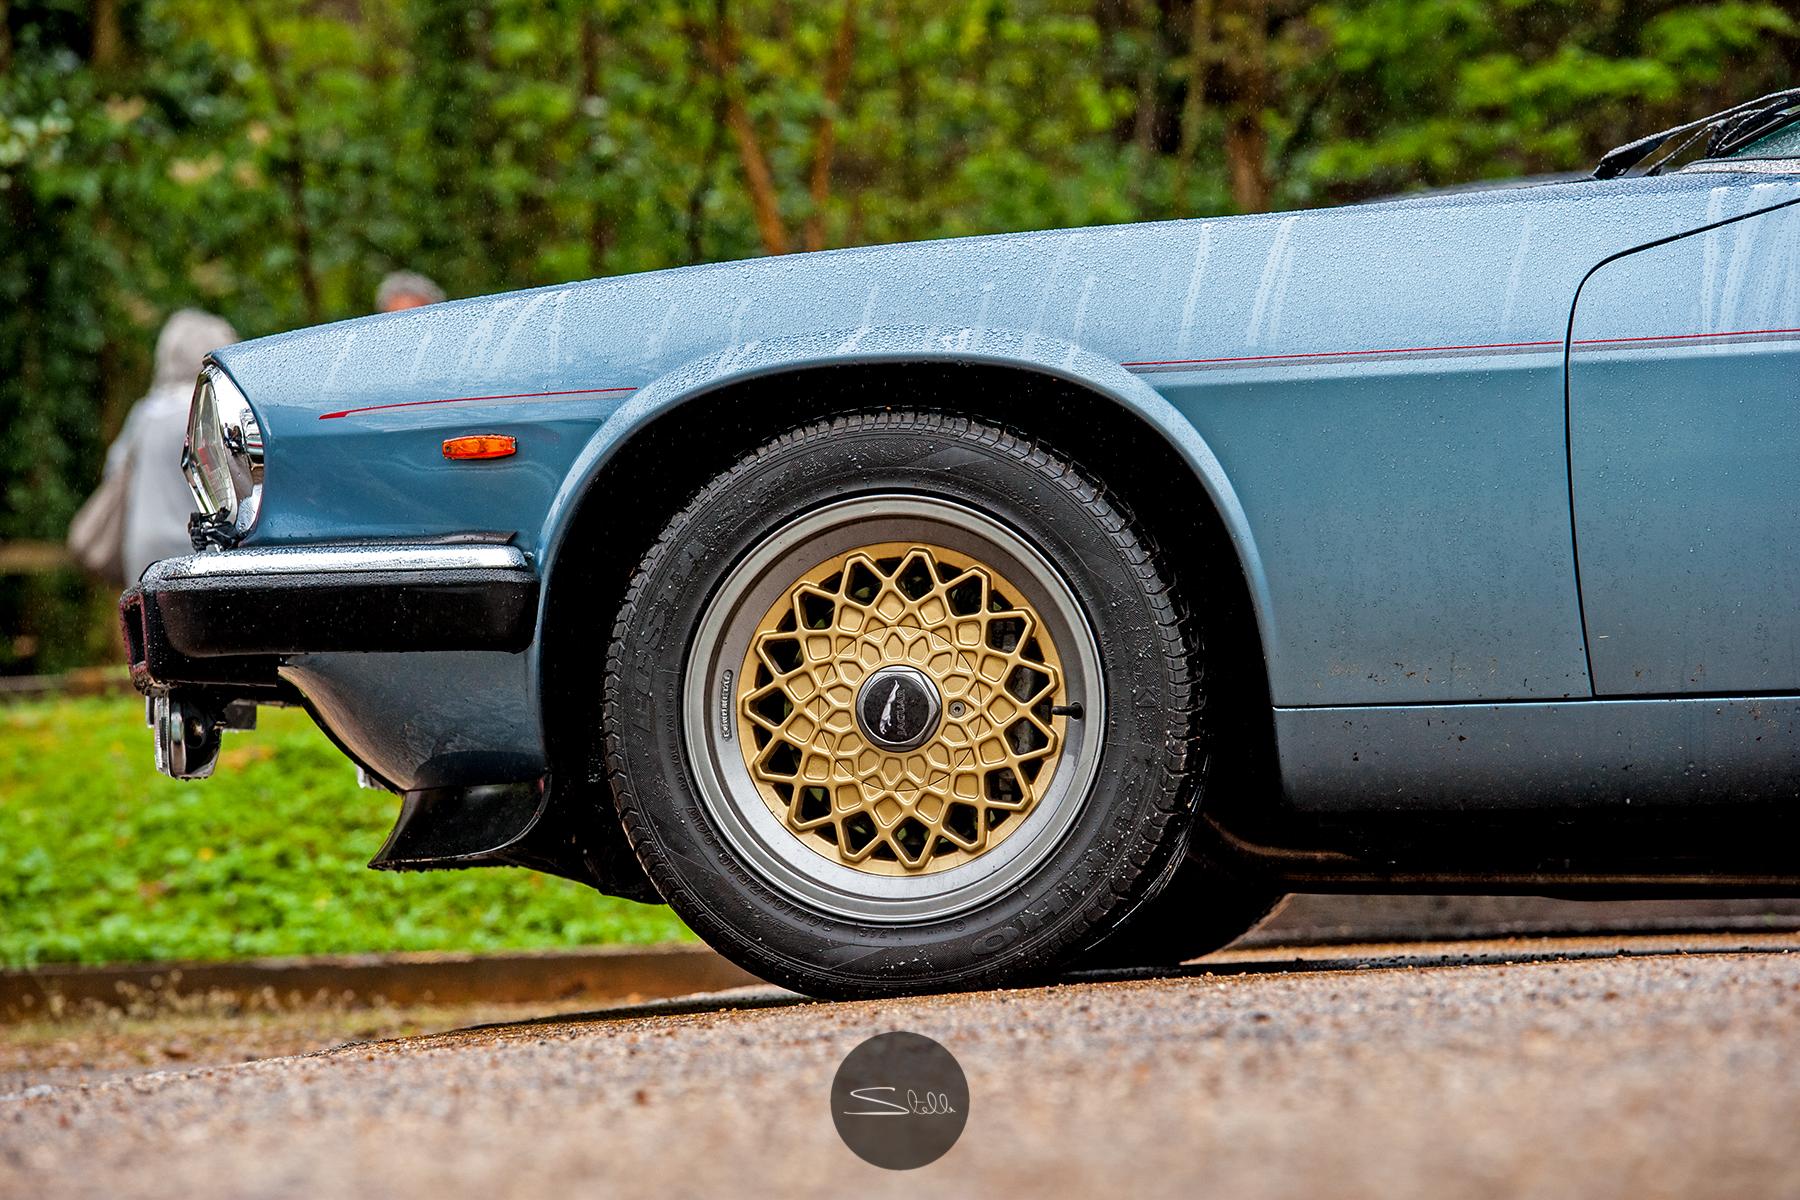 Stella Scordellis Jaguar Car Run 2015 17 Watermarked.jpg